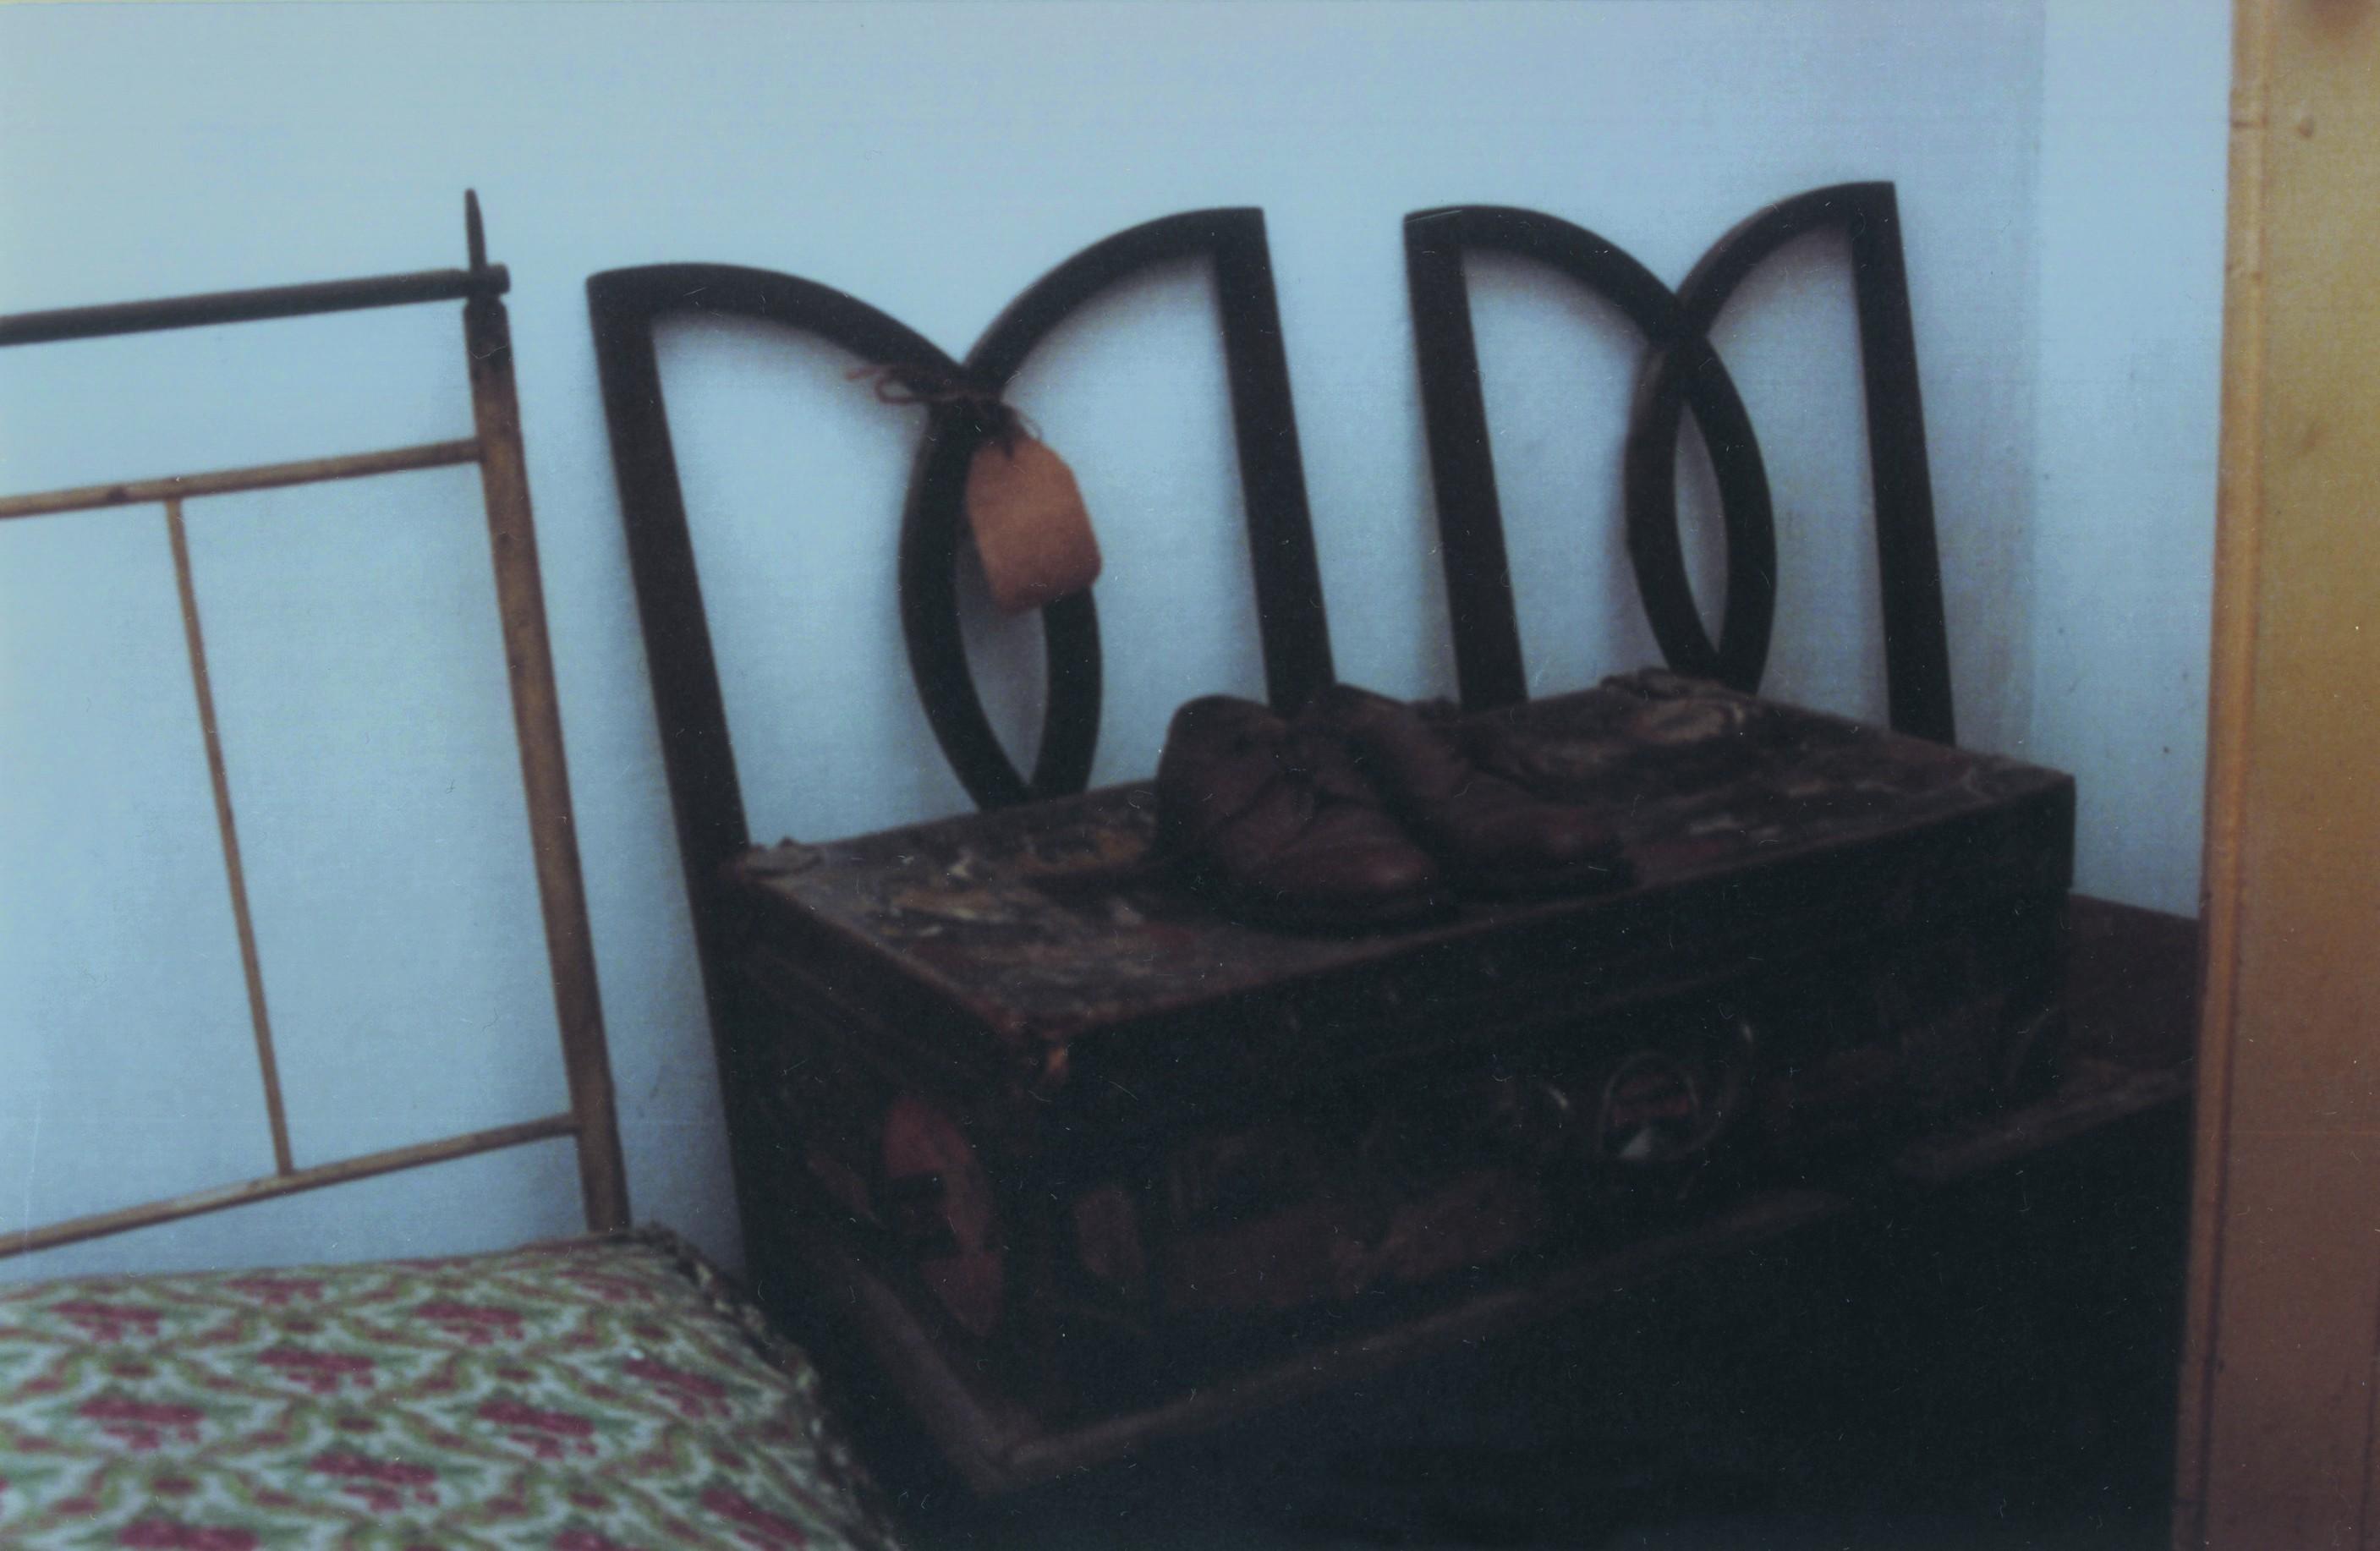 Mala e sapatos de viagem de Ferreira de Castro, Ossela (Anos 90)